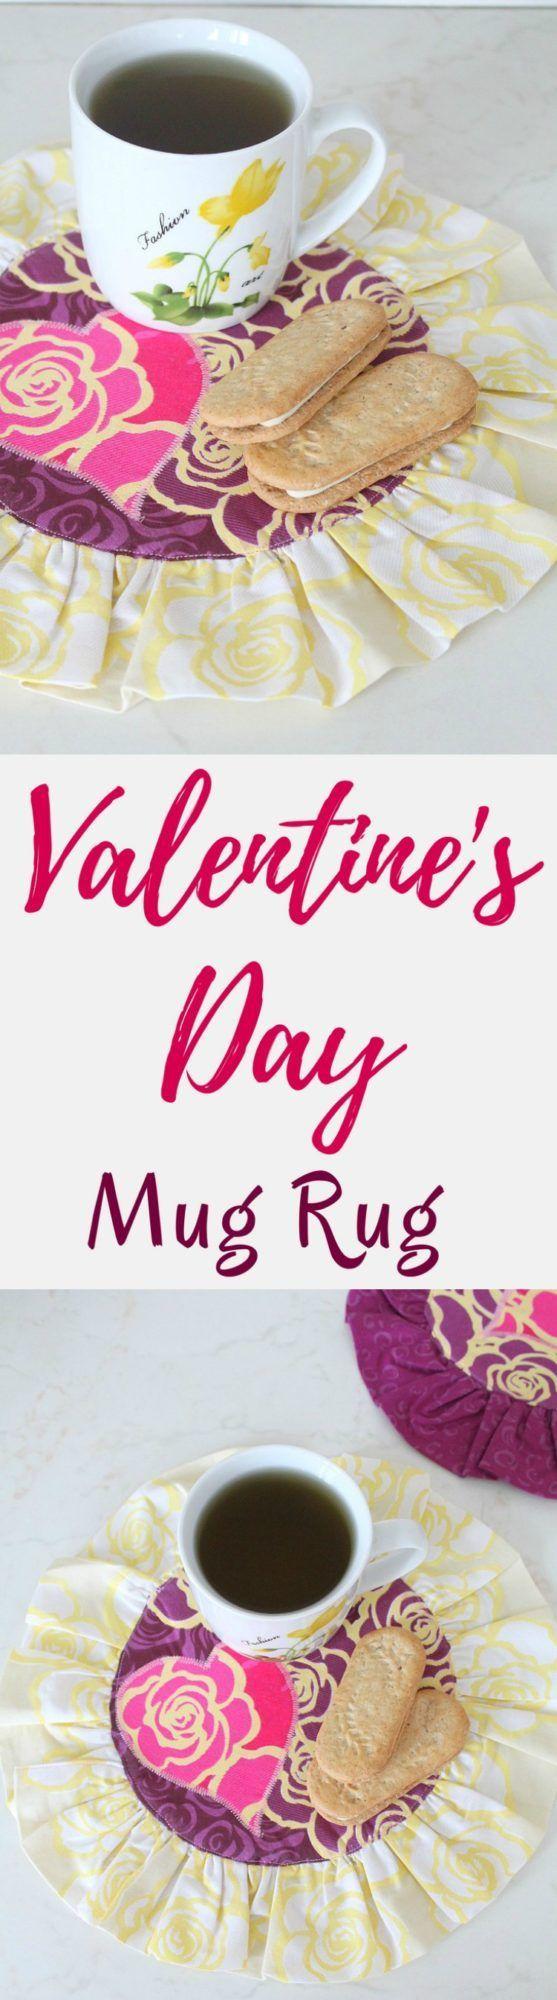 VALENTINE MUG RUG SEWING TUTORIAL Need